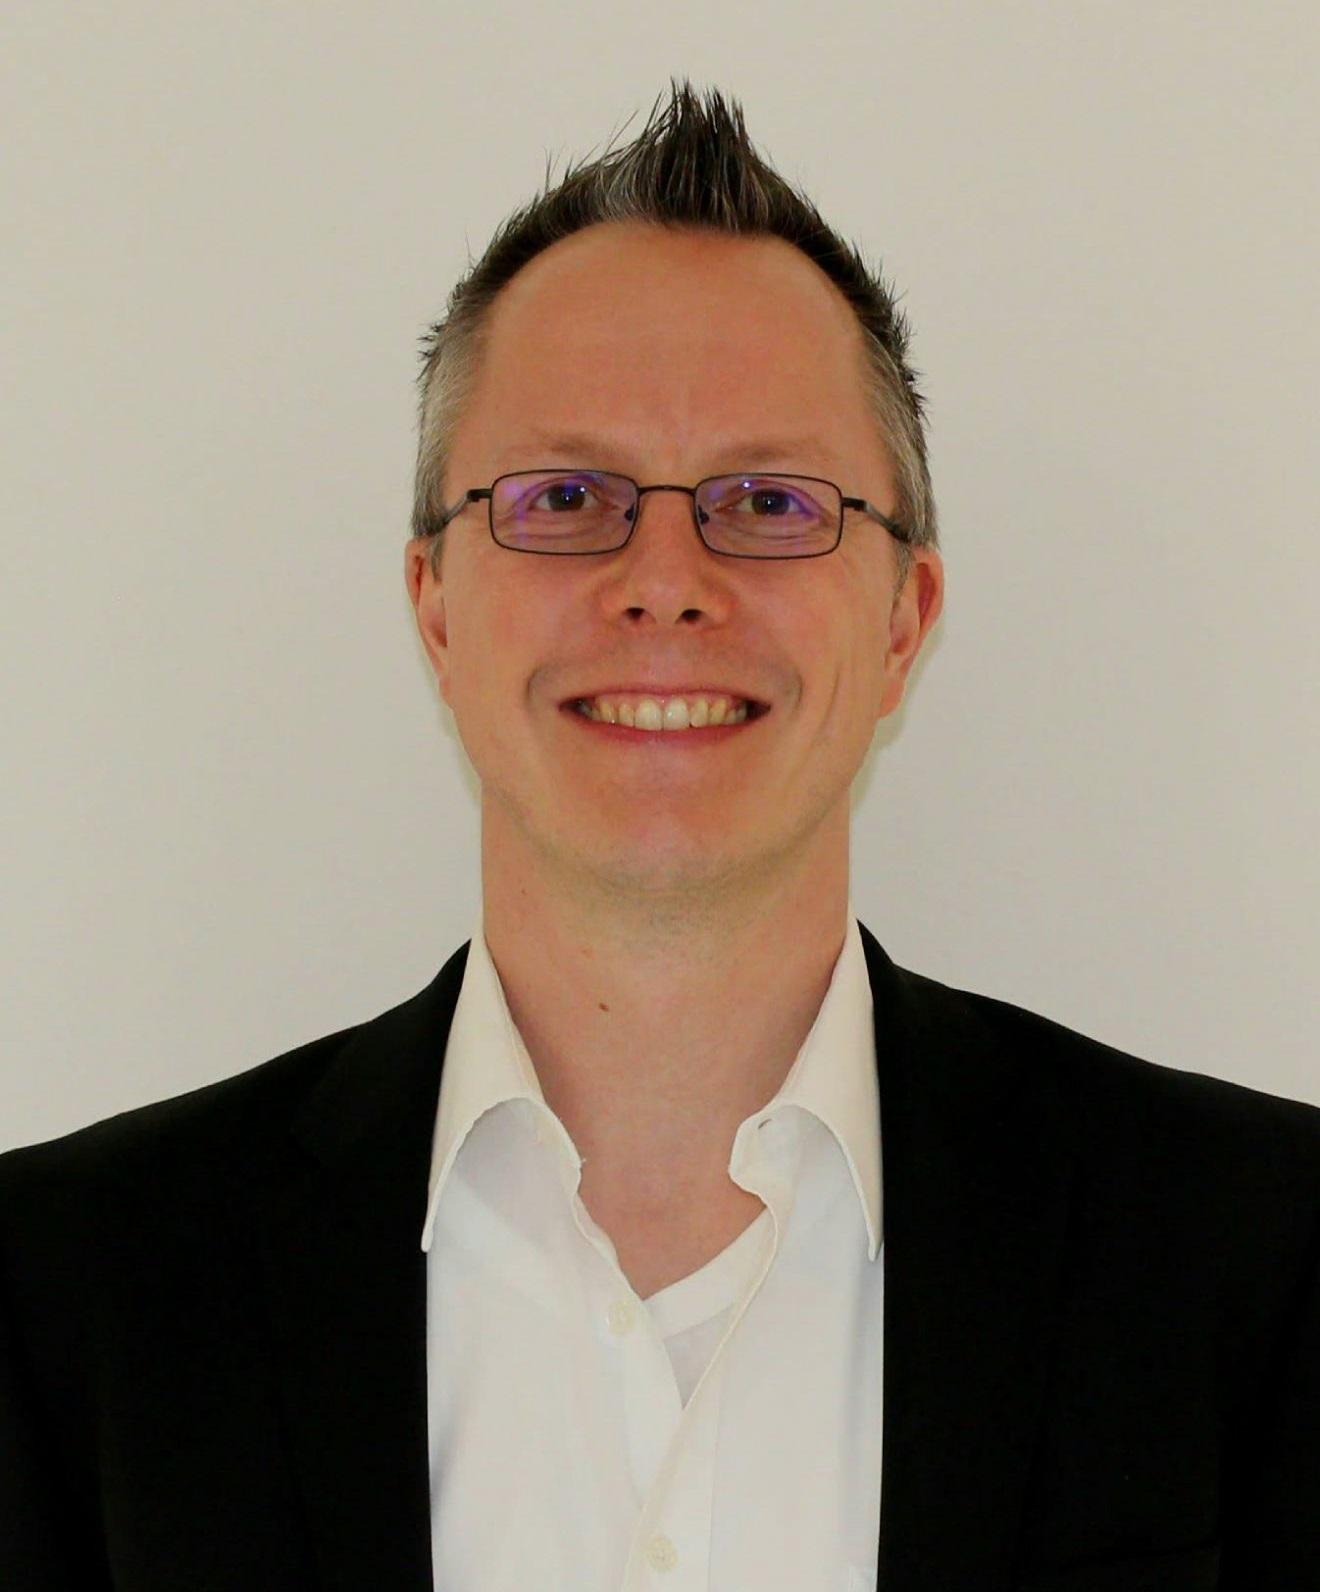 Prof. Dr. Immanuel Ulrich